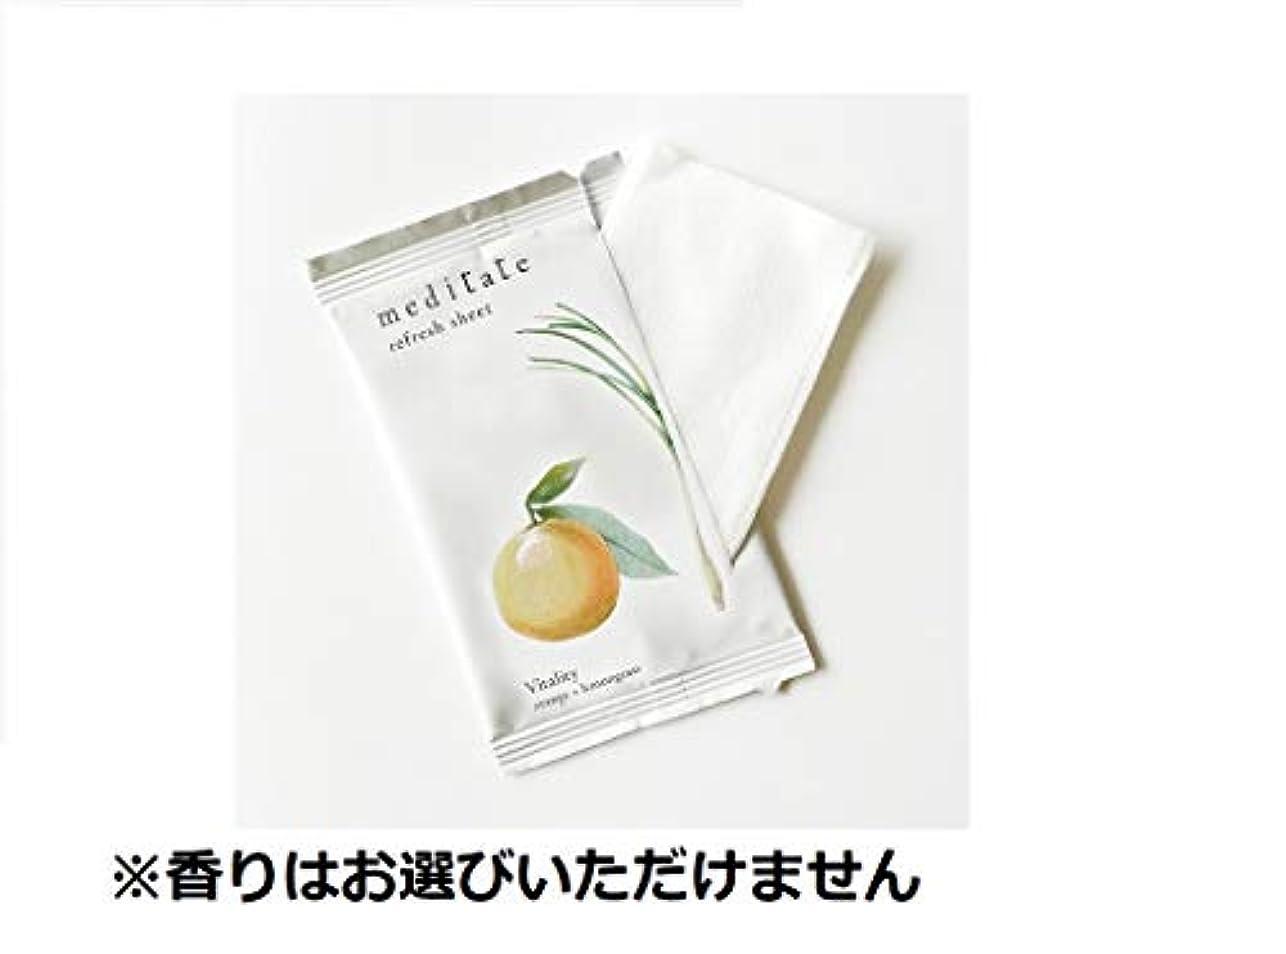 ガラス塩潜む大香 リフレッシュシート サンプル 7g 【実質無料サンプルストア対象】